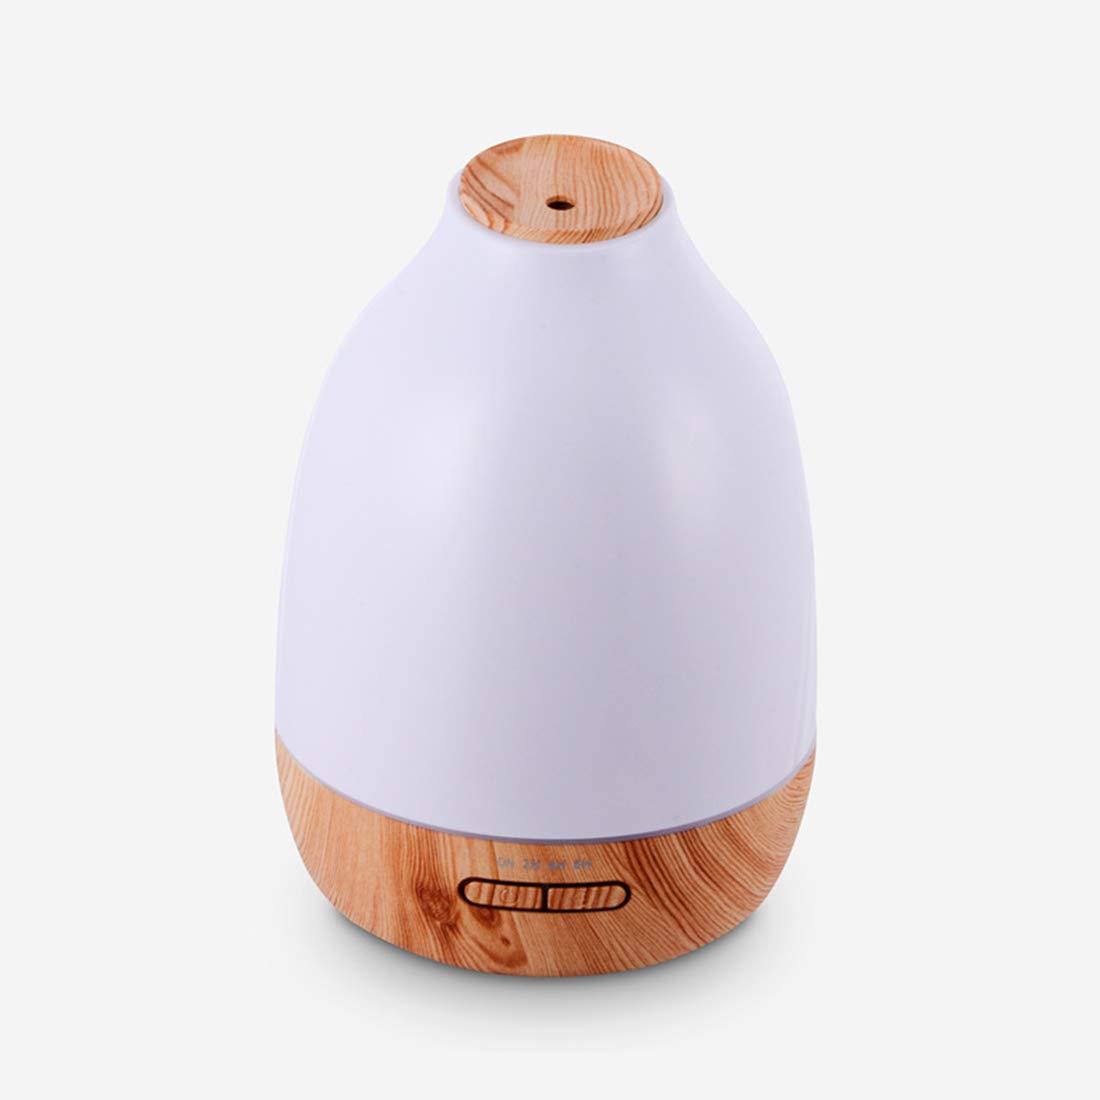 Xasclnis 500ml Ceram Luftbefeuchter Ultraschall Aroma ätherisches Öl Diffusor für Office Home (Color : Wood Grain)